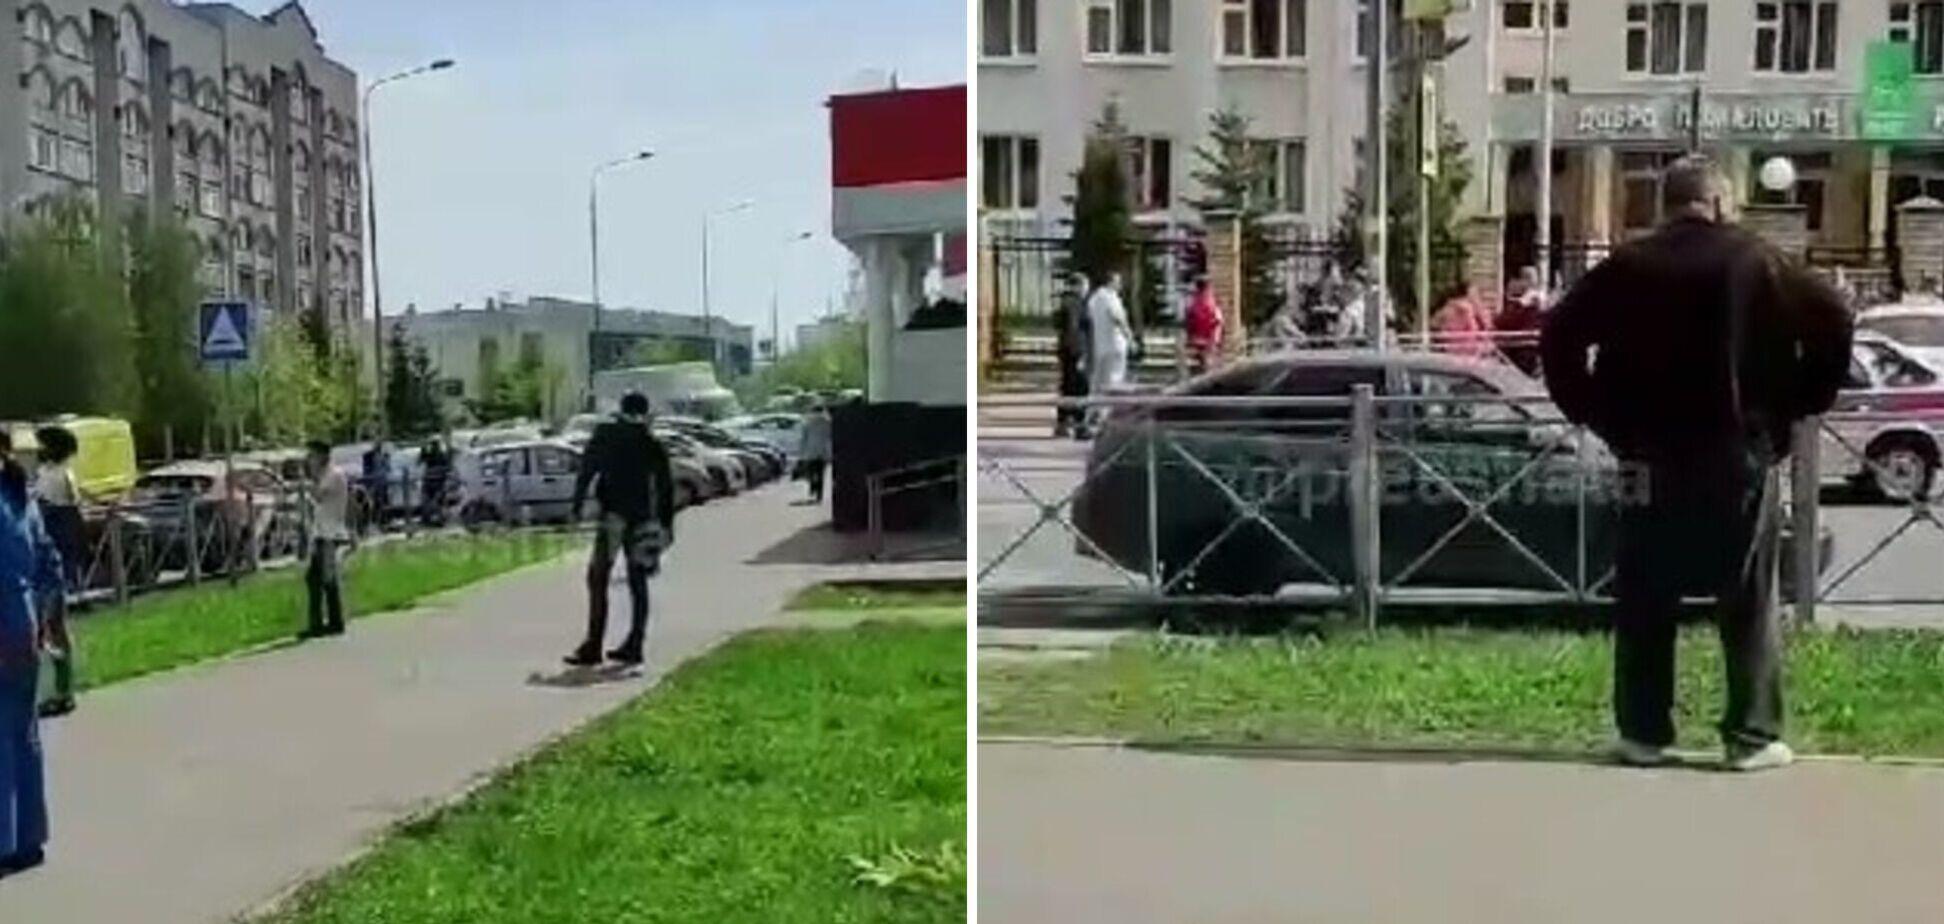 Розстріл в Казані: важлива інформація для тих, у кого діти навчаються в школі